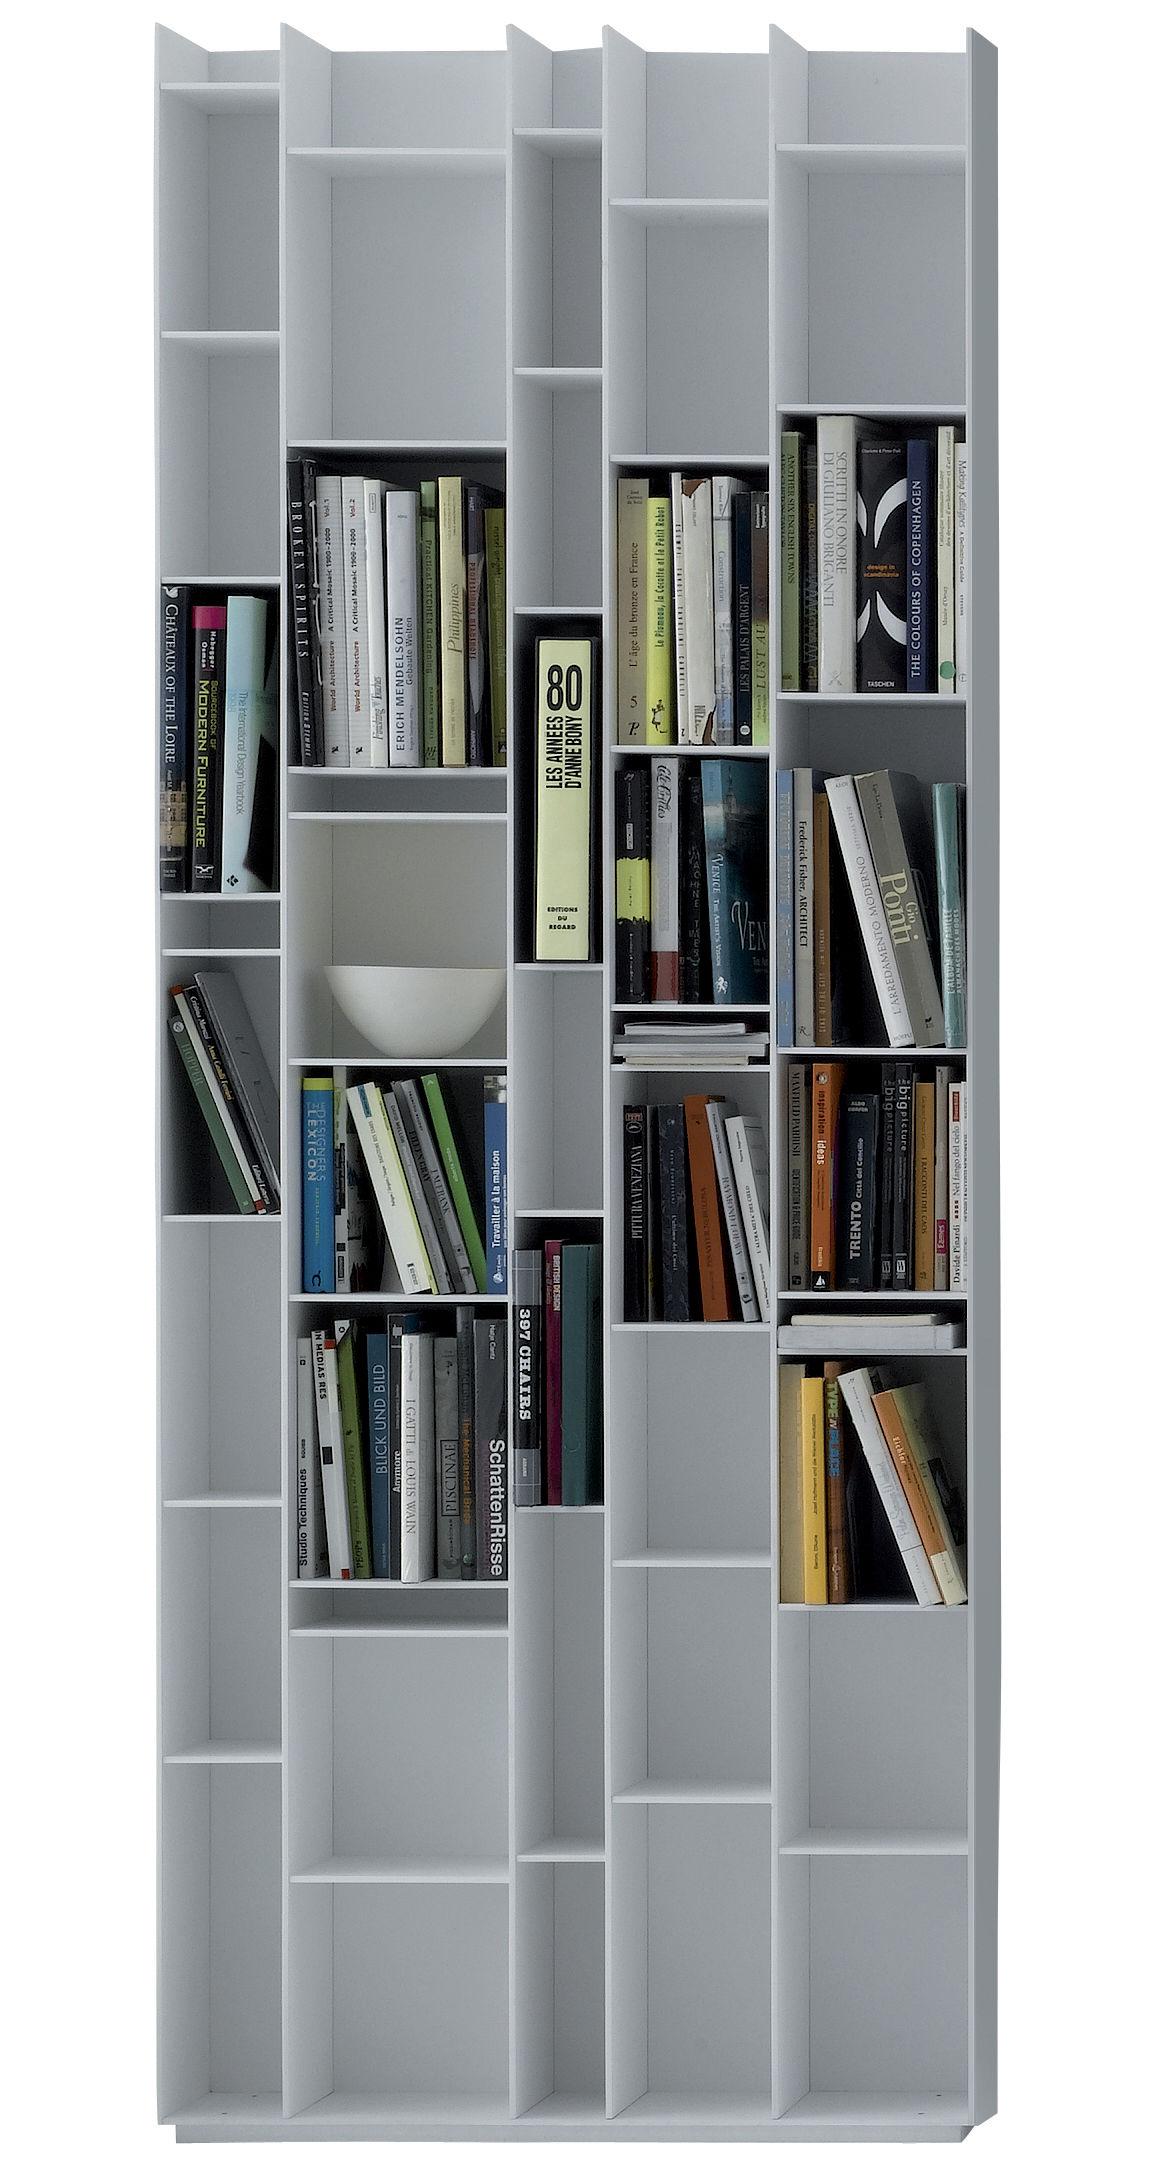 Arredamento - Scaffali e librerie - Libreria Random - MDF Italia - Bianco laccato - Fibra di legno laccata